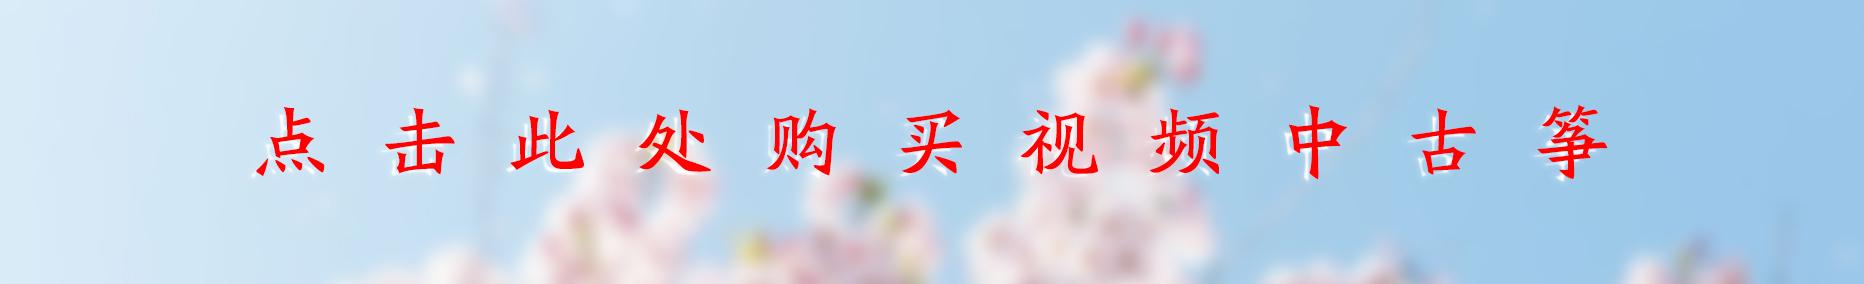 古筝D调筝码安装教程(学筝必会)-敦煌古筝